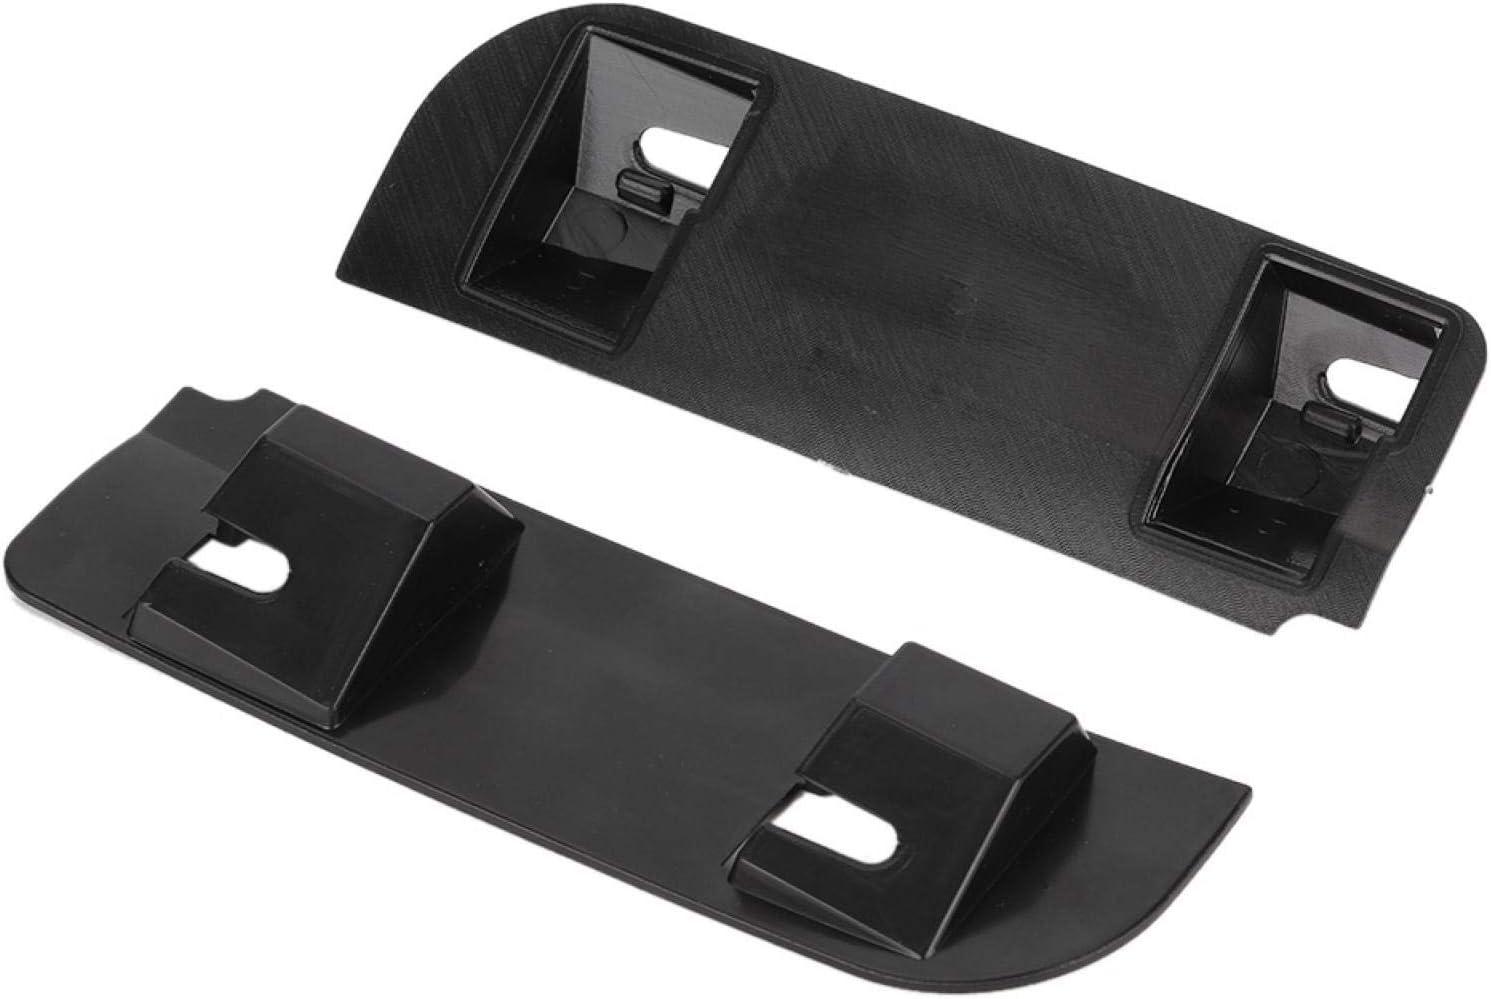 Clips de r/éparation 90812JD00H 90812JD20H 90812JD01H 90812JD30H 1 paire de Clips de r/éparation de poign/ée de coffre de hayon accessoire adapt/é pour Qashqai 2006-2013